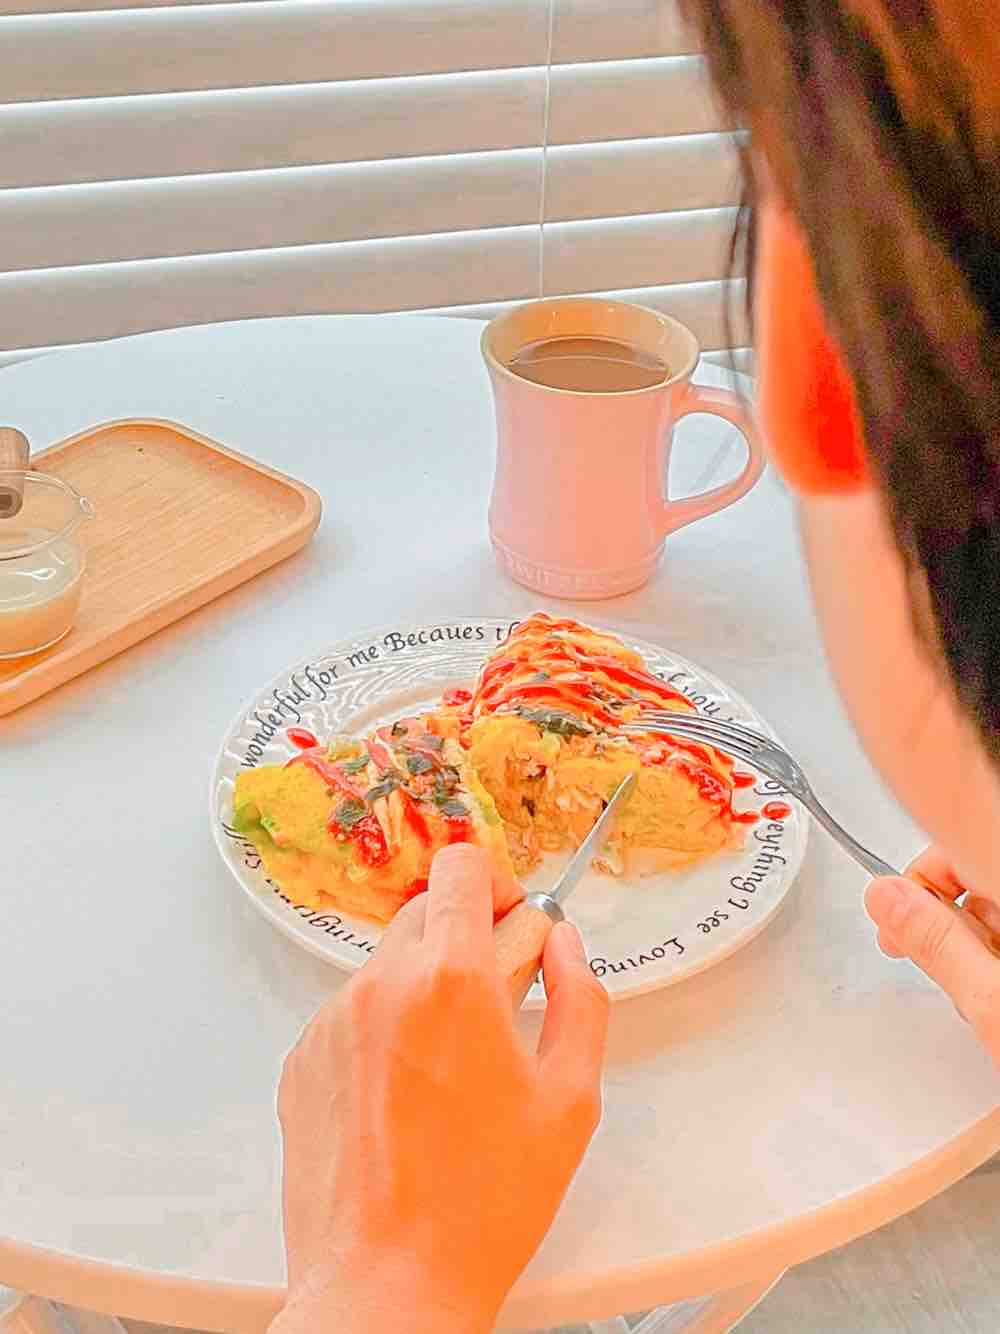 金枪鱼鸡蛋菜包—餐桌上的夏日限定成品图